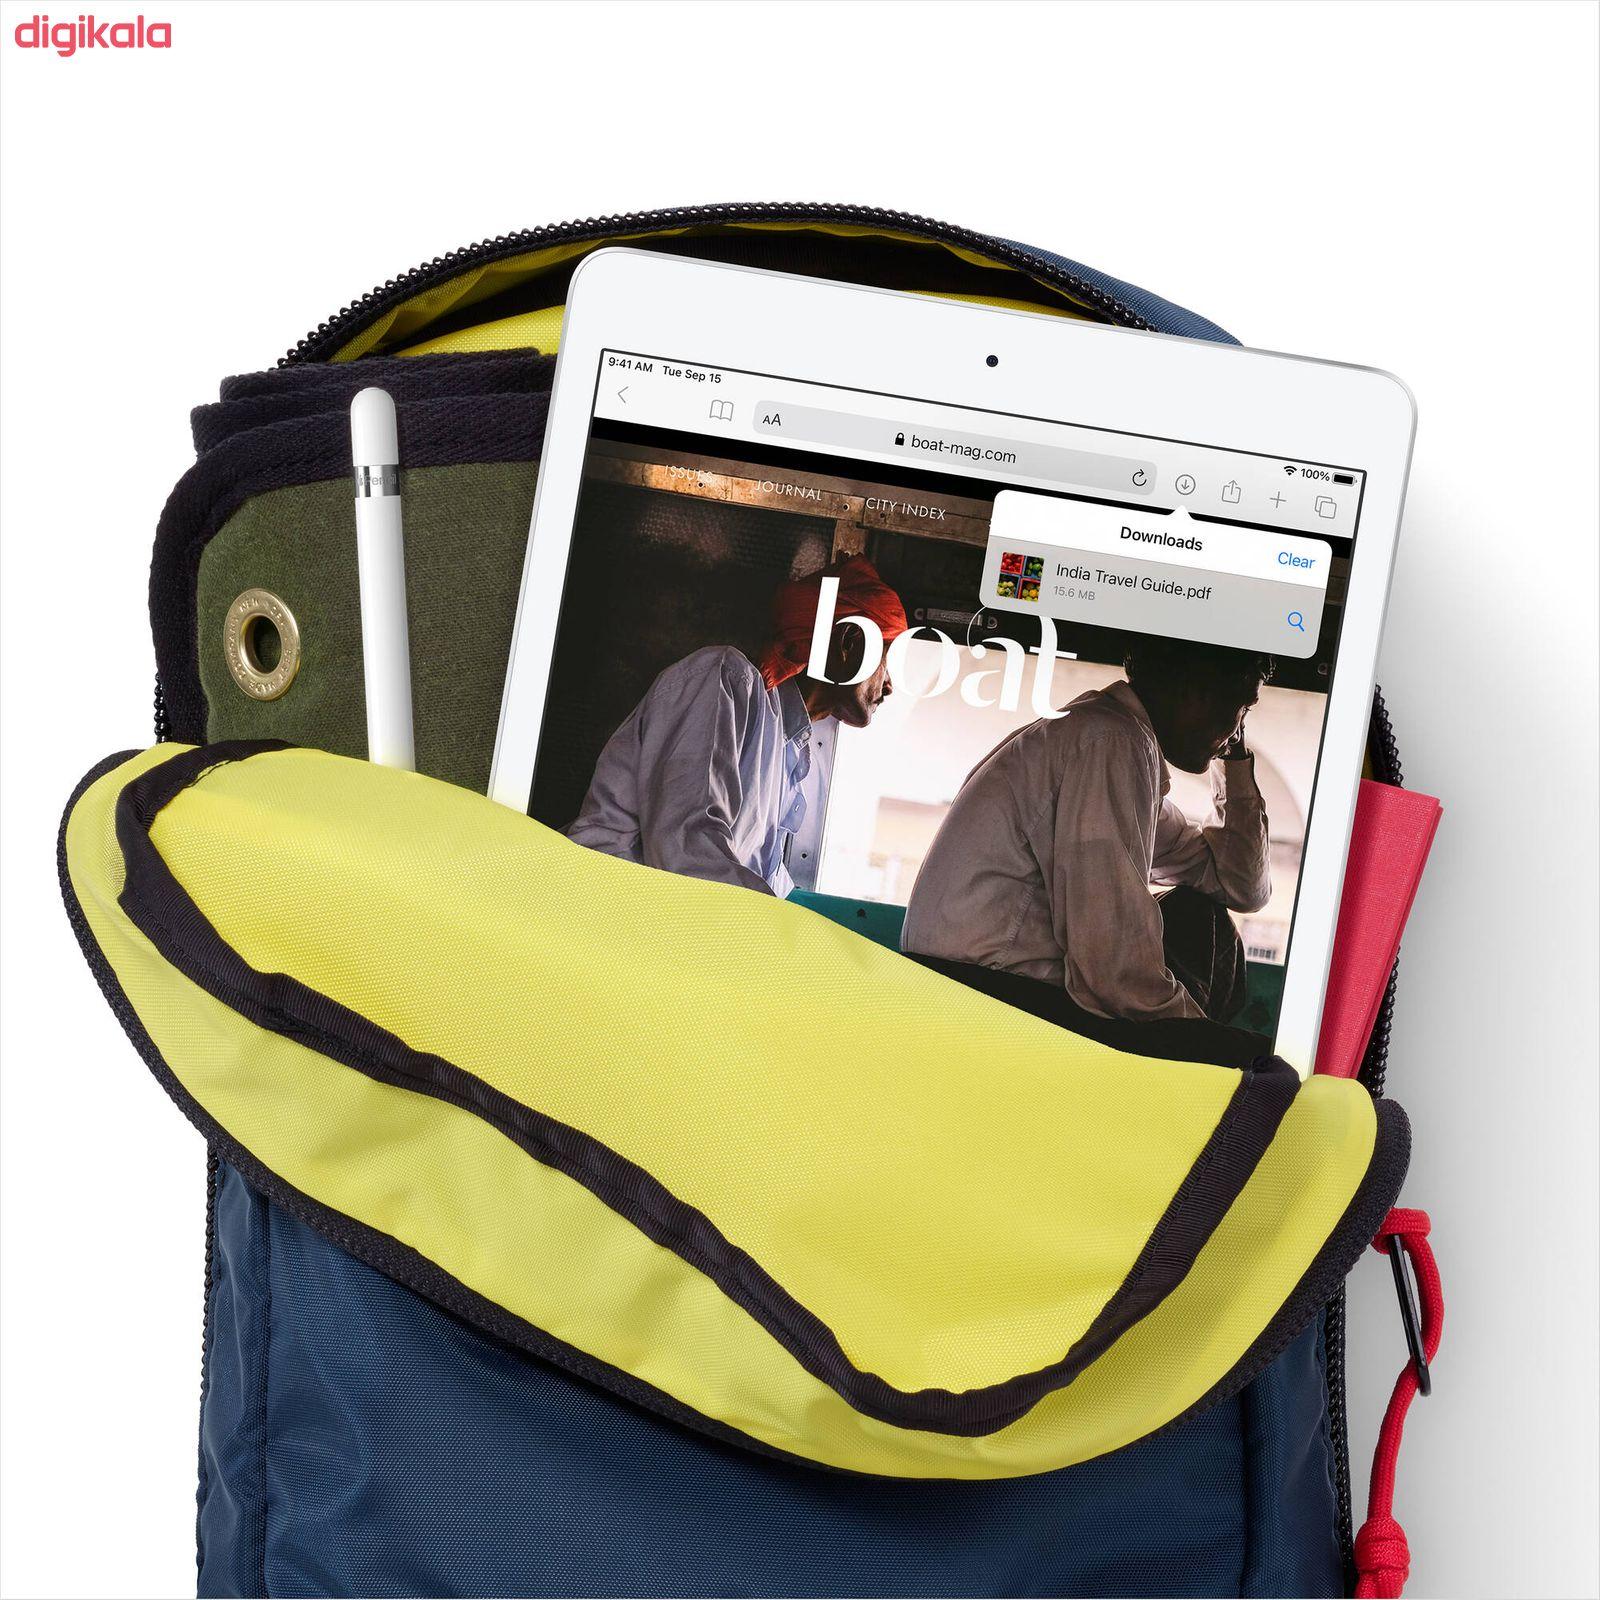 تبلت اپل مدل iPad 10.2 inch 2020 4G/LTE ظرفیت 128 گیگابایت  main 1 10